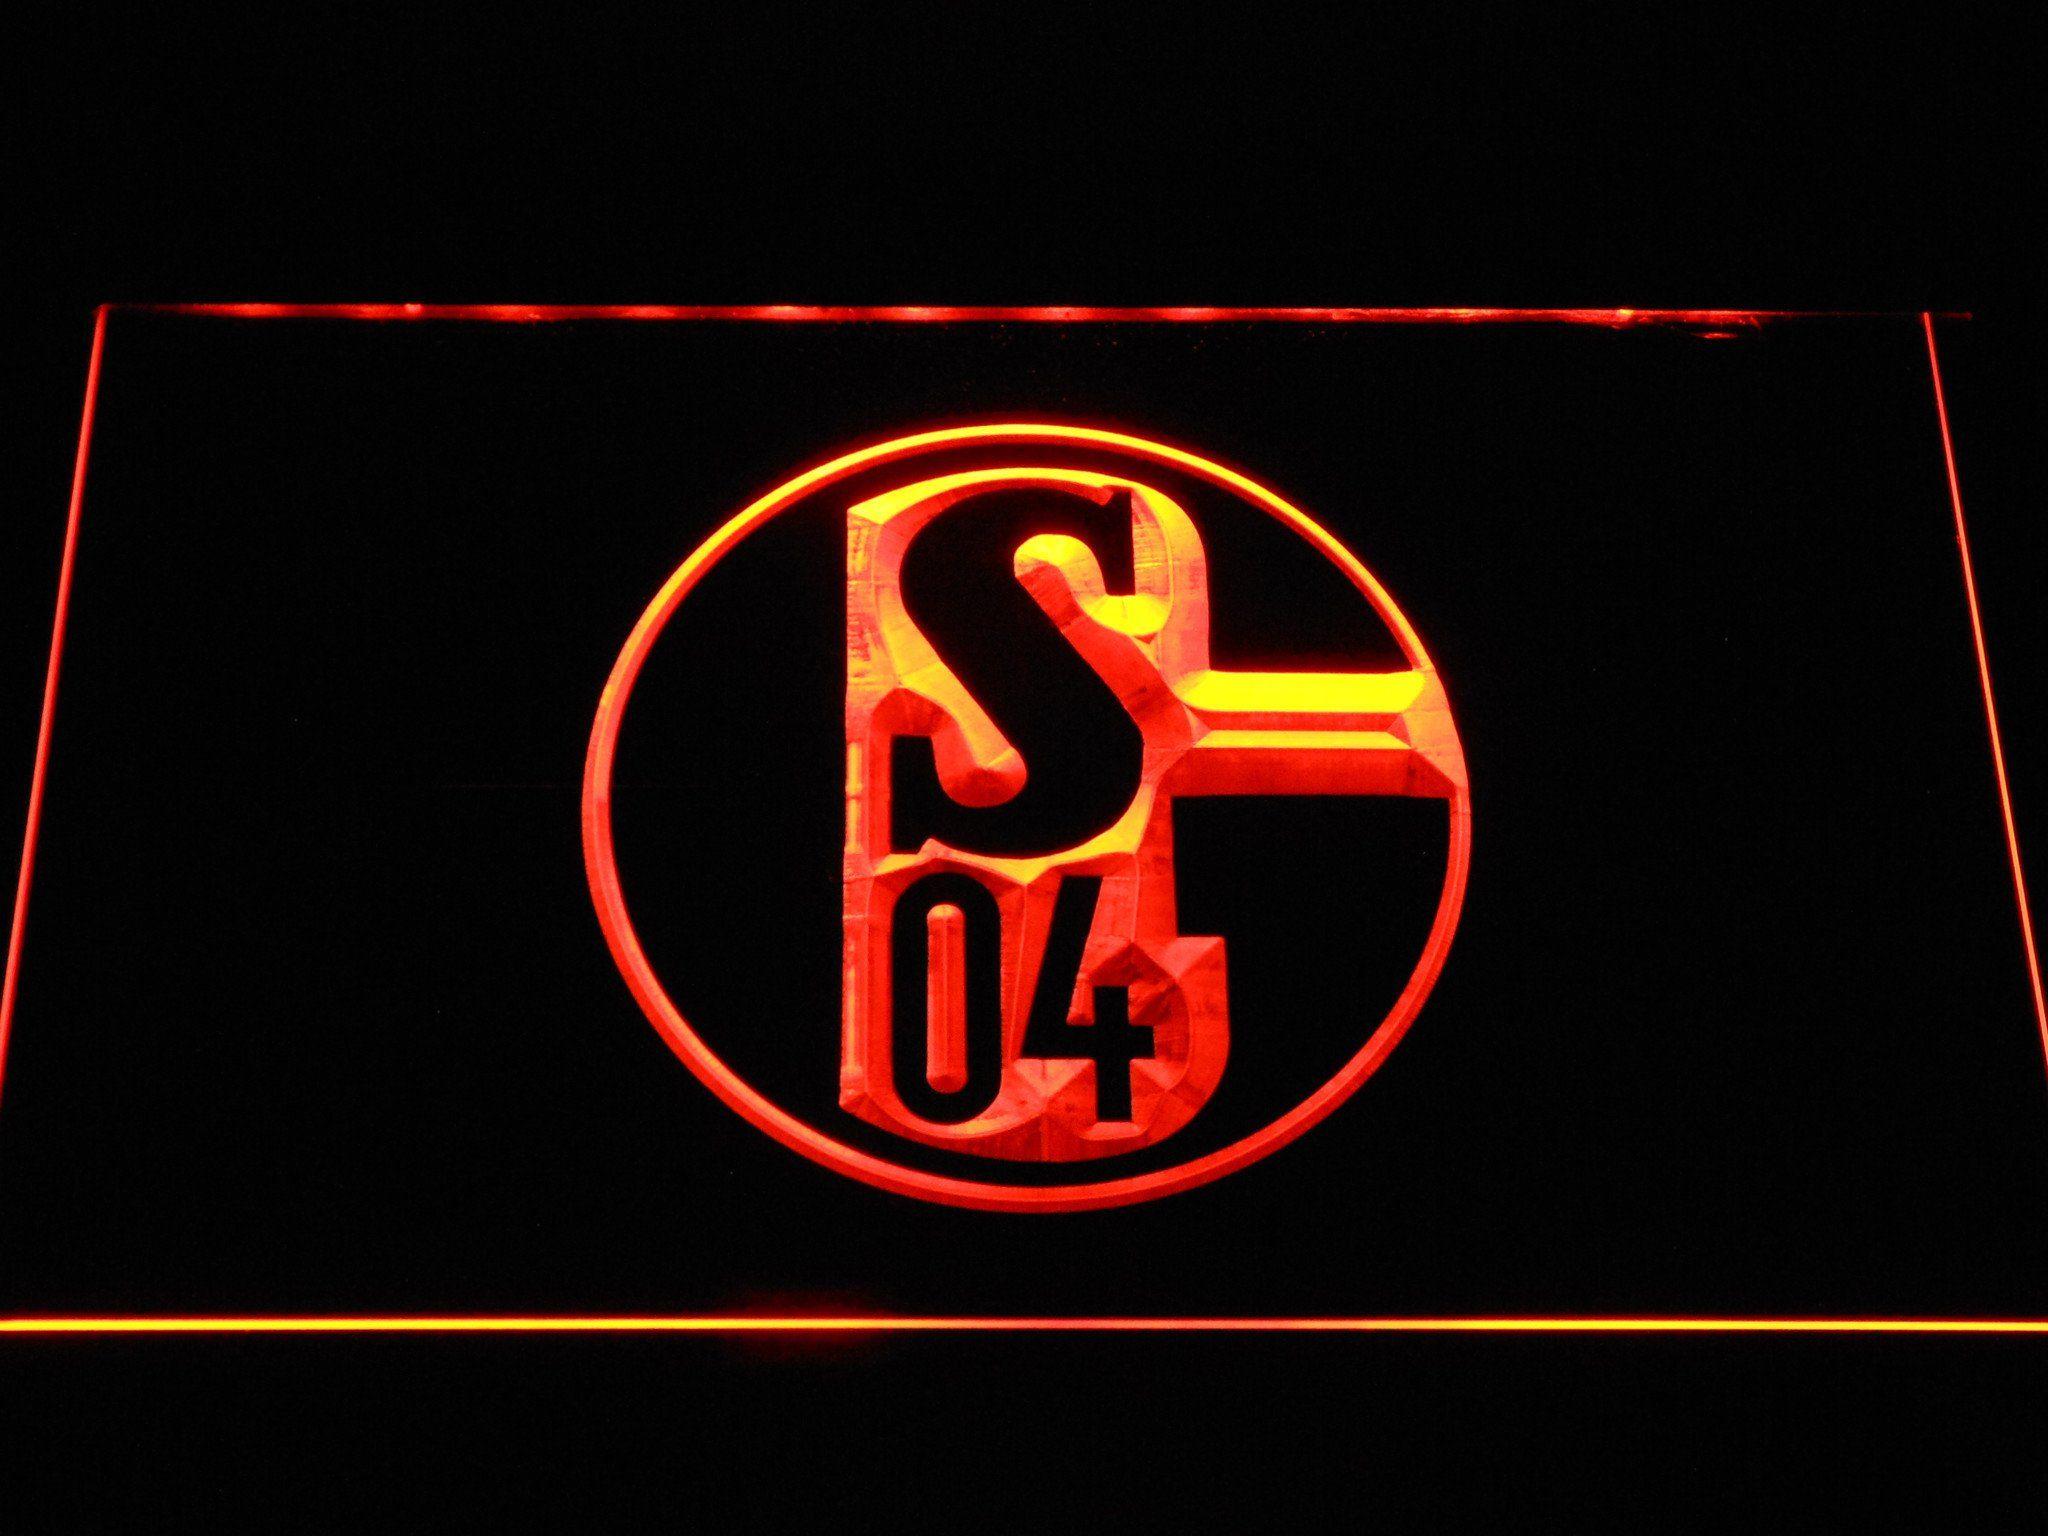 Fc Schalke 04 Led Neon Sign Schalke 04 Und Schalke